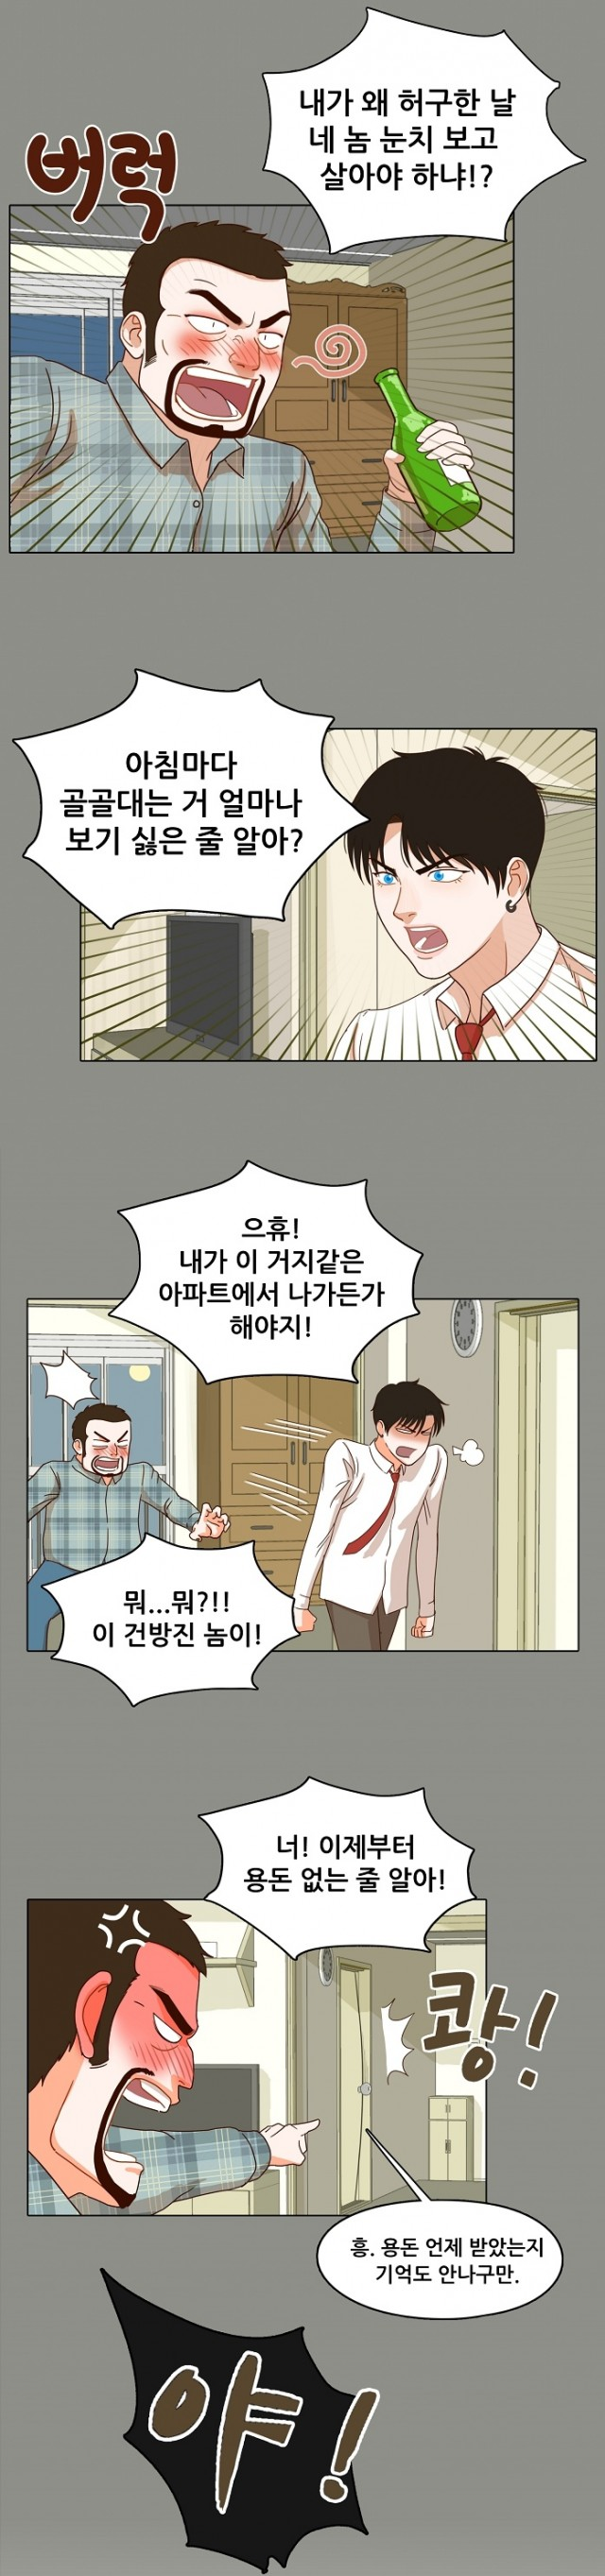 daum_net_20190929_233014.jpg